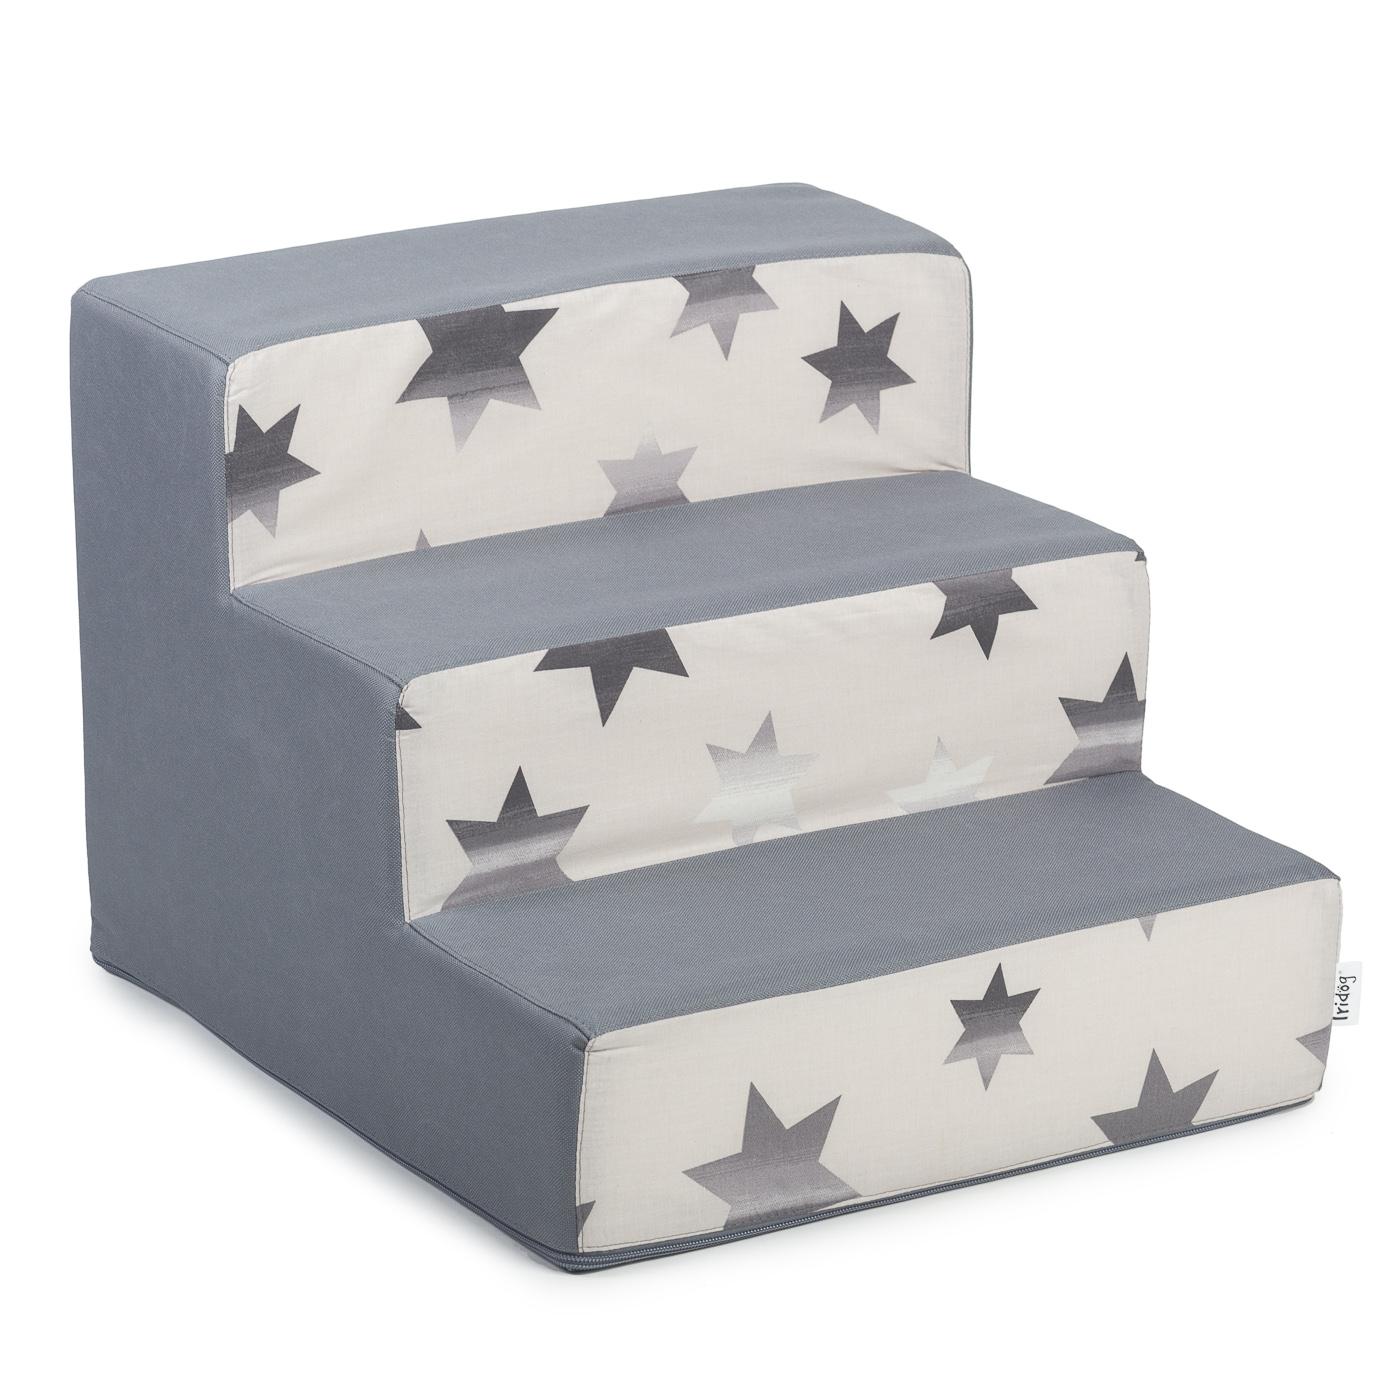 Schody pro psy, no. 41, hvězdičky, 2 velké